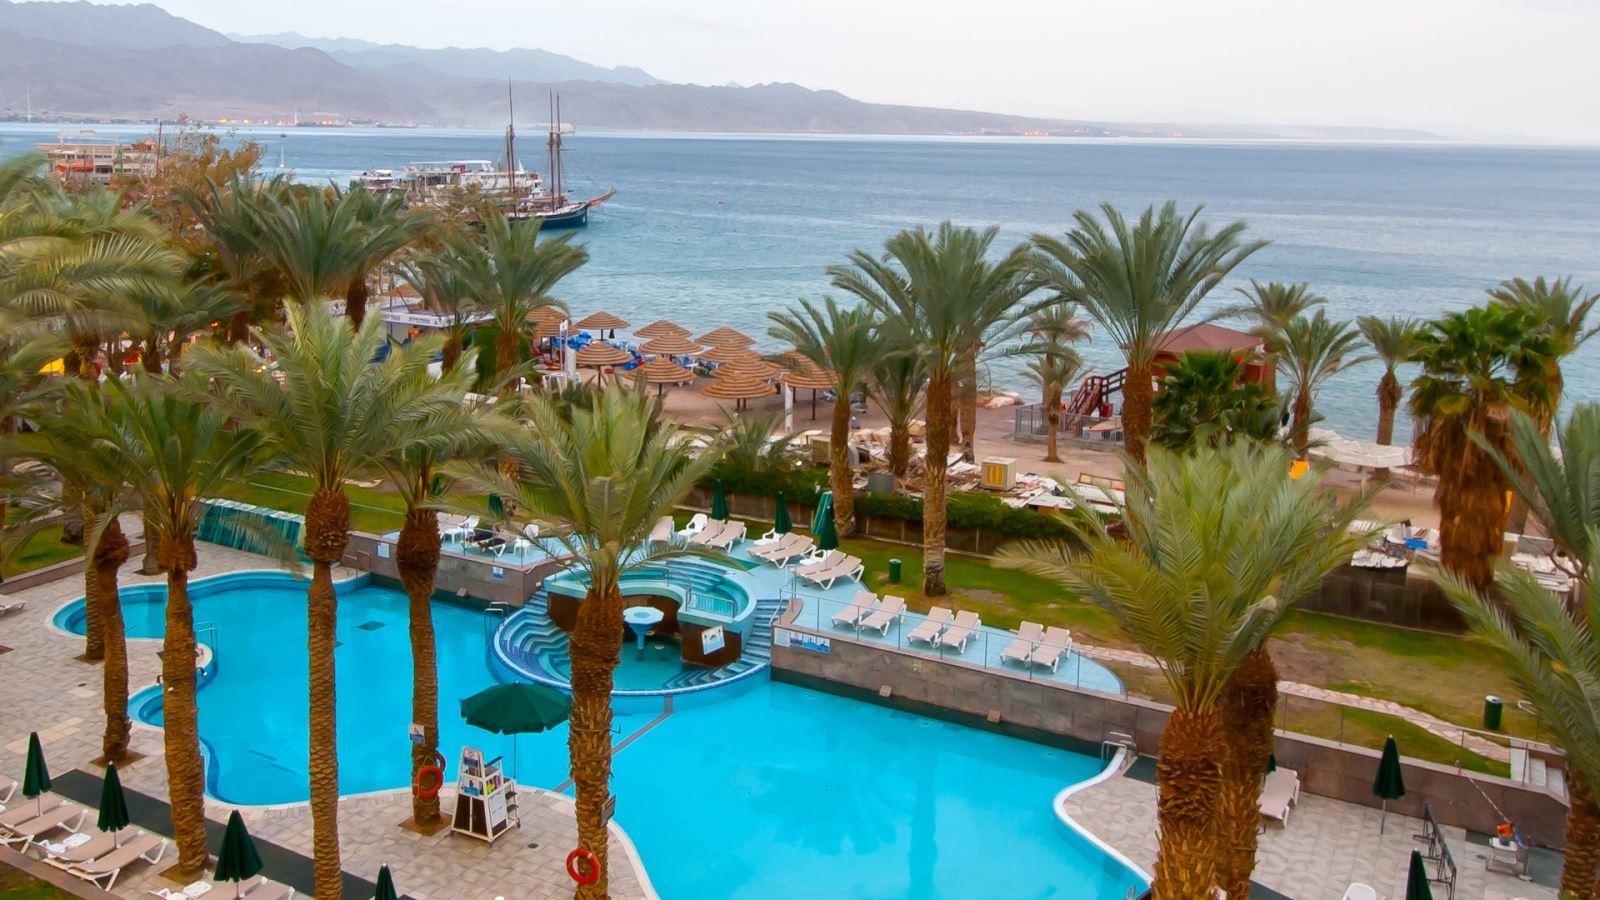 מזמינים חופשה במלון לאונרדו פלאזה אילת ב-30% הנחה!